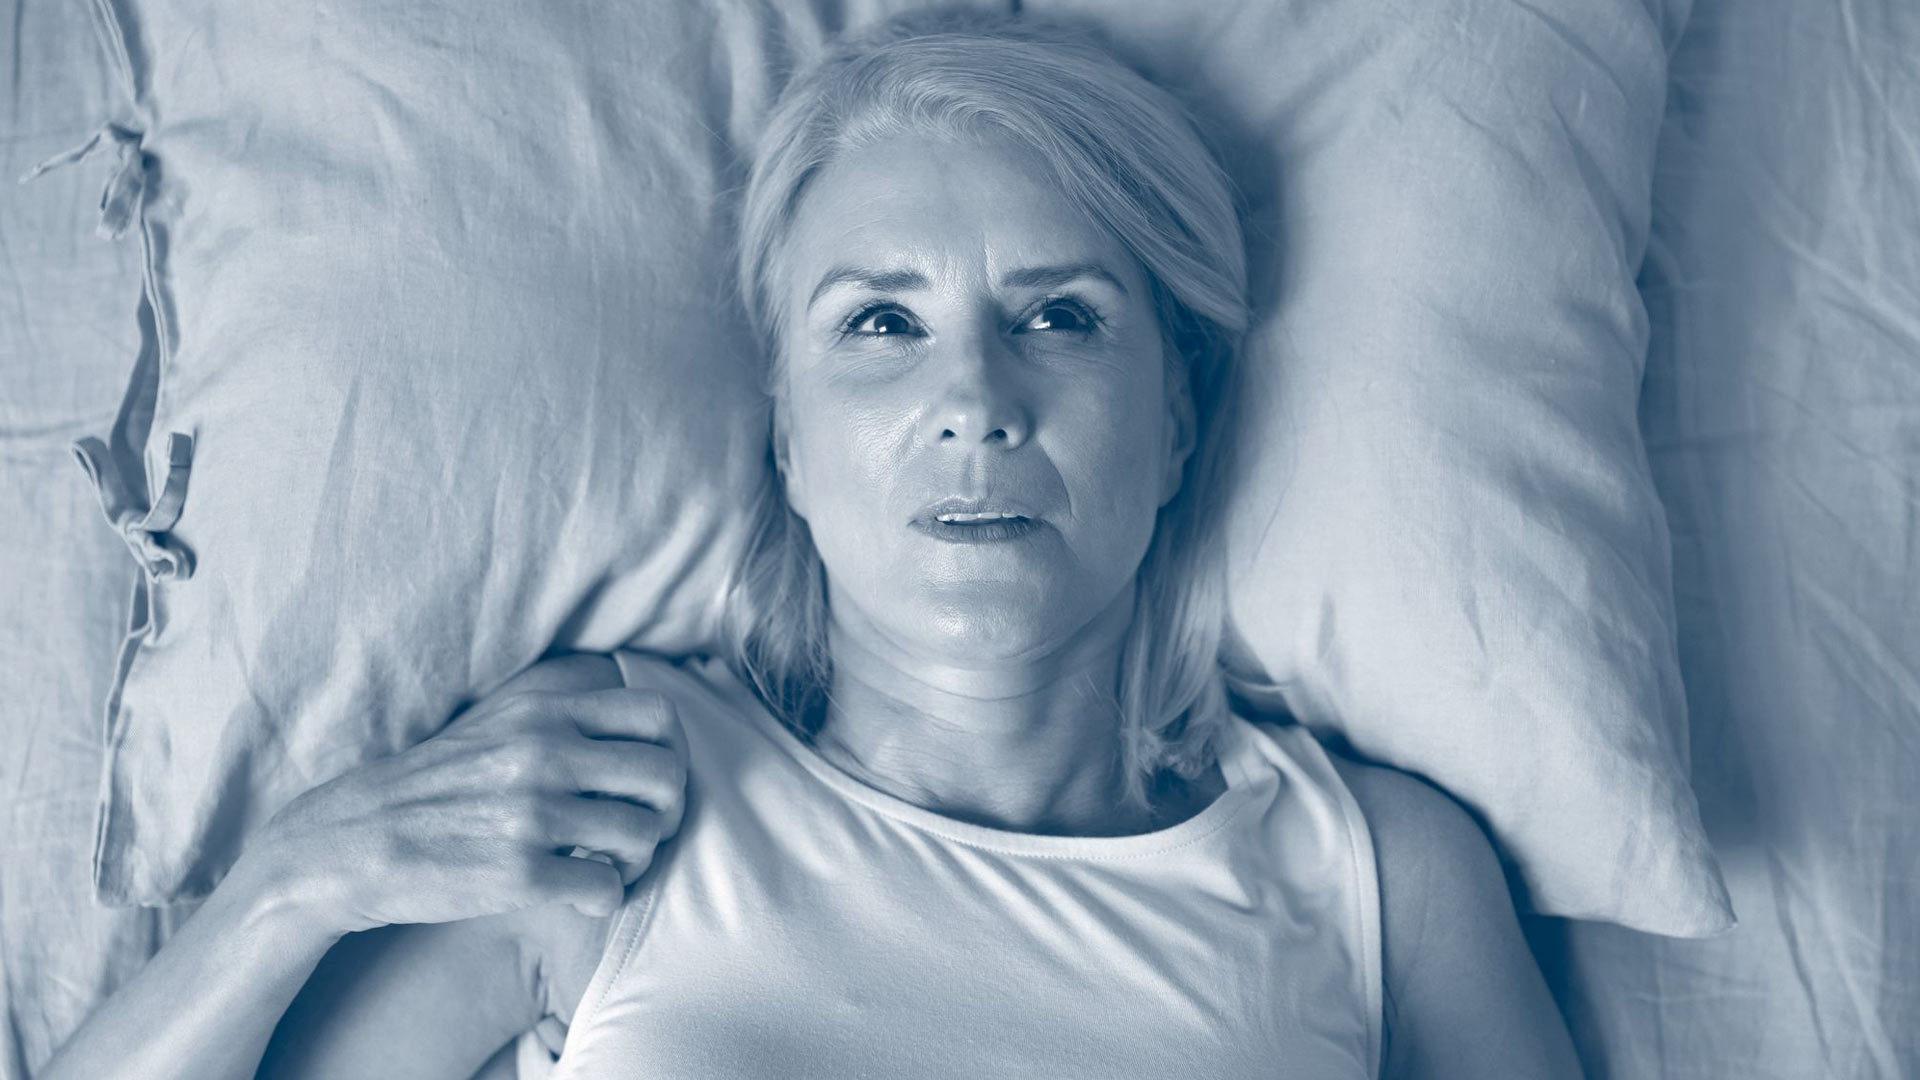 Unihoitaja neuvoi Oilia pitämään jo alkuillasta huoliajatteluhetken: jos ensi yönä olen uneton, mihin asioihin ajatukseni saattaisivat karata?